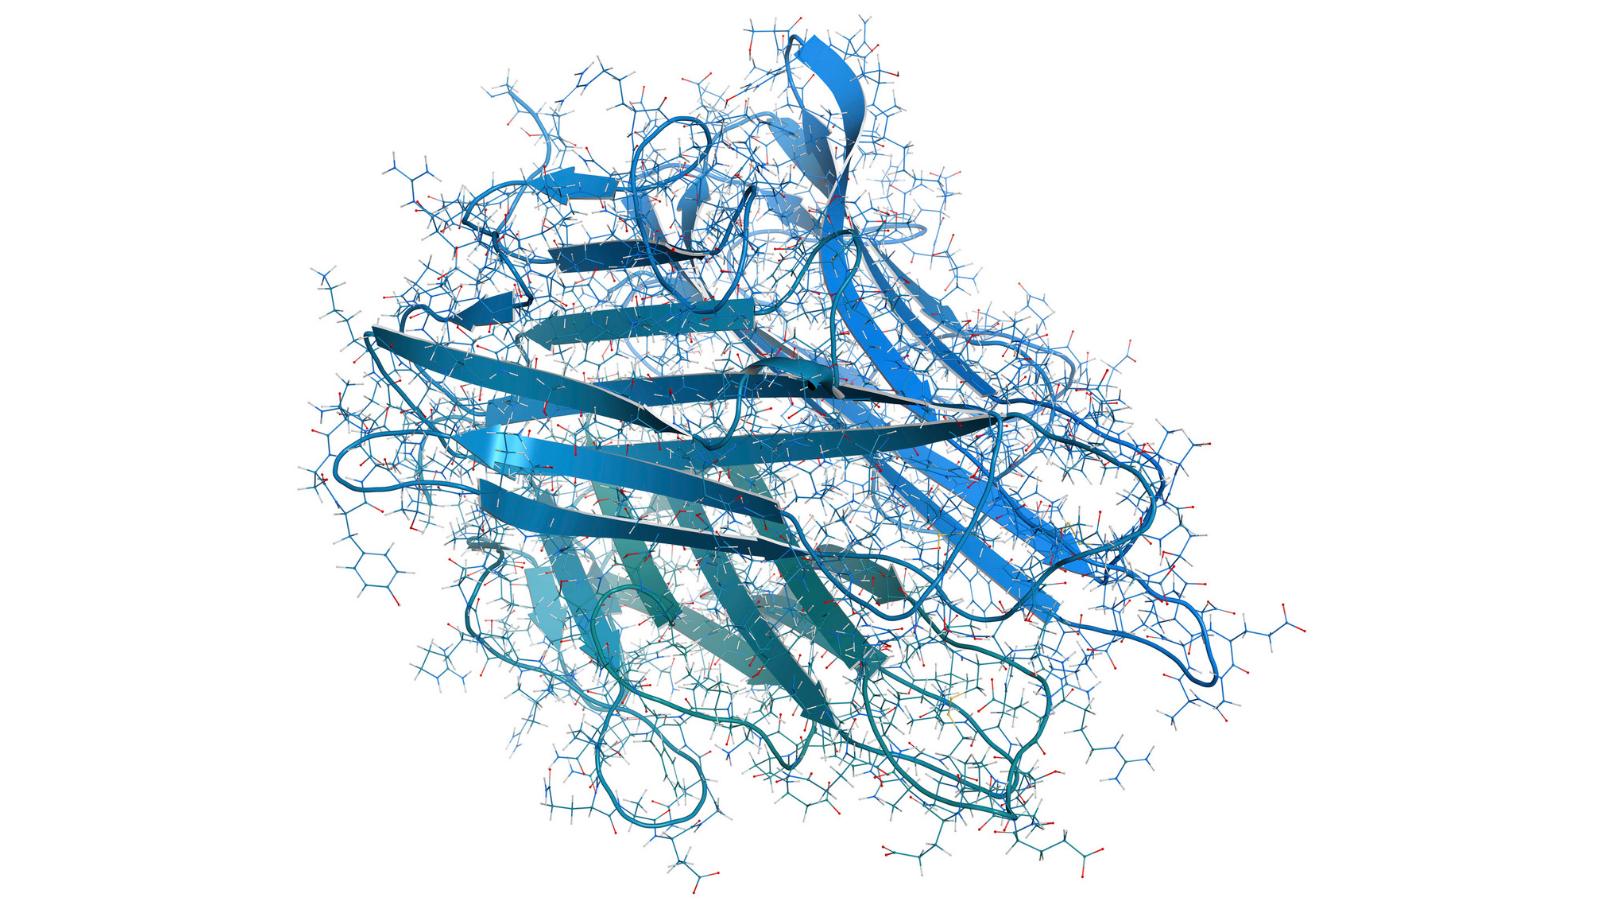 Biosimilar drug illustration